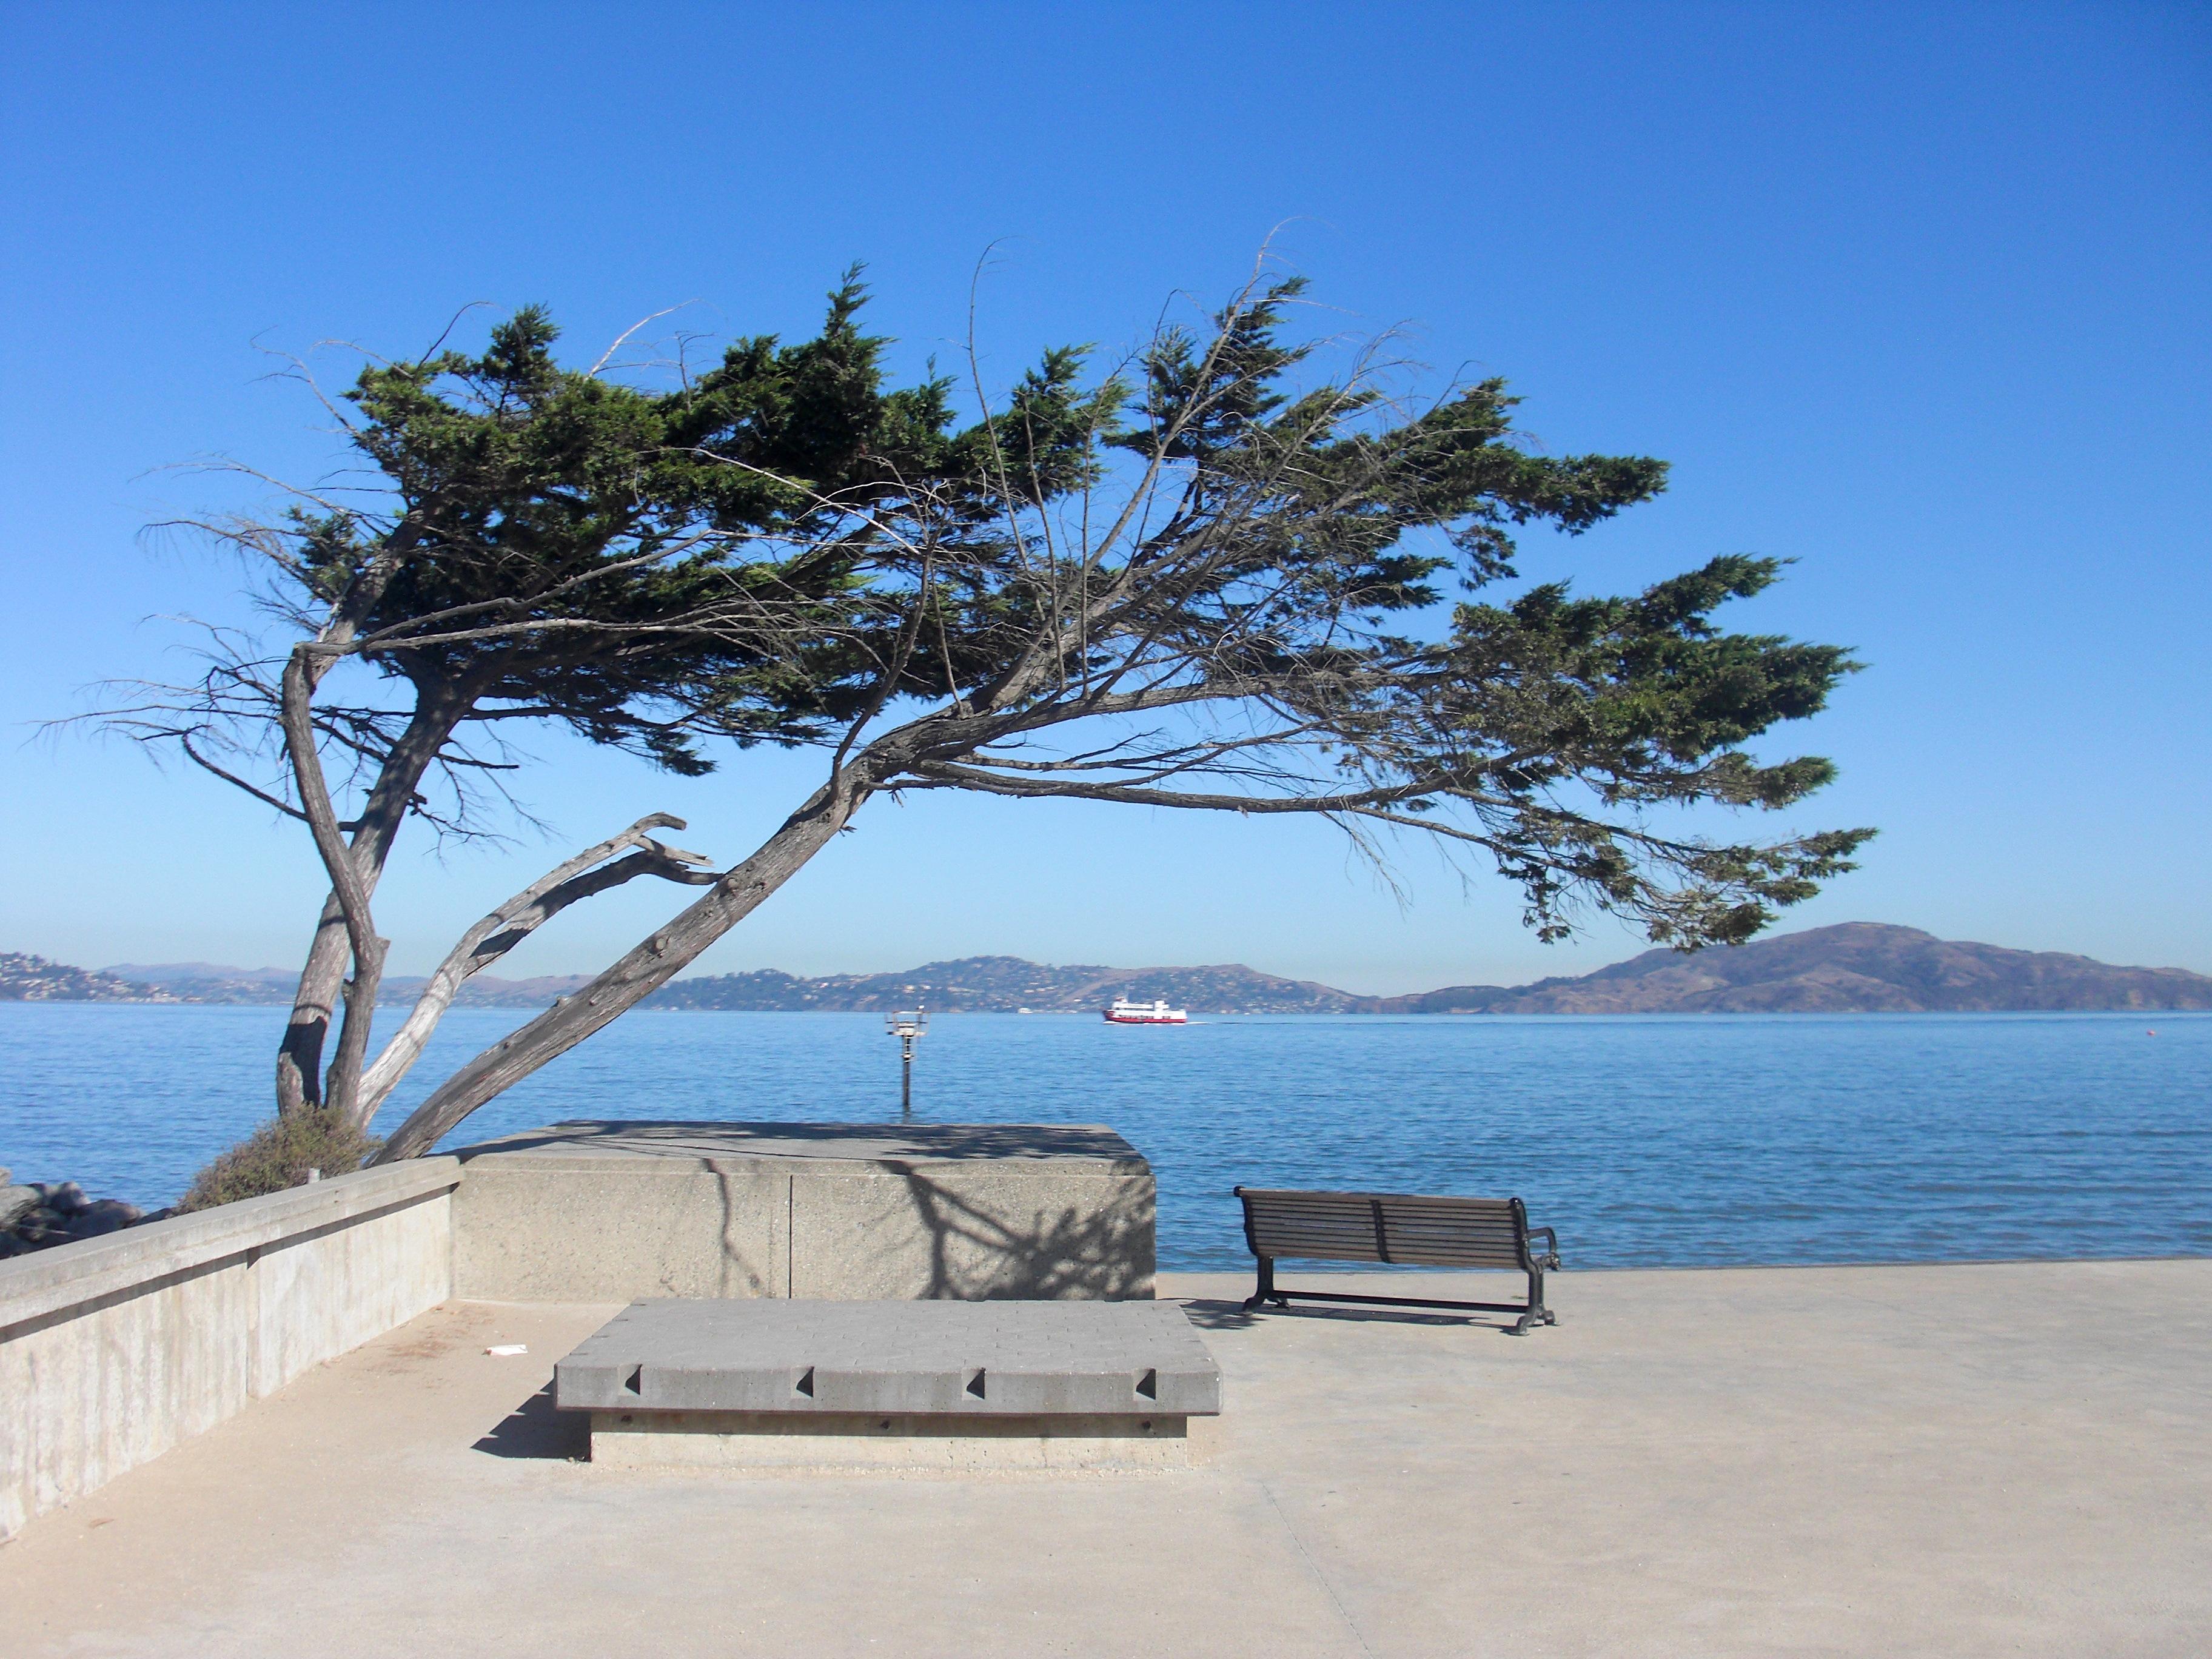 California, Absence, Ocean, Waiting, Wait, HQ Photo